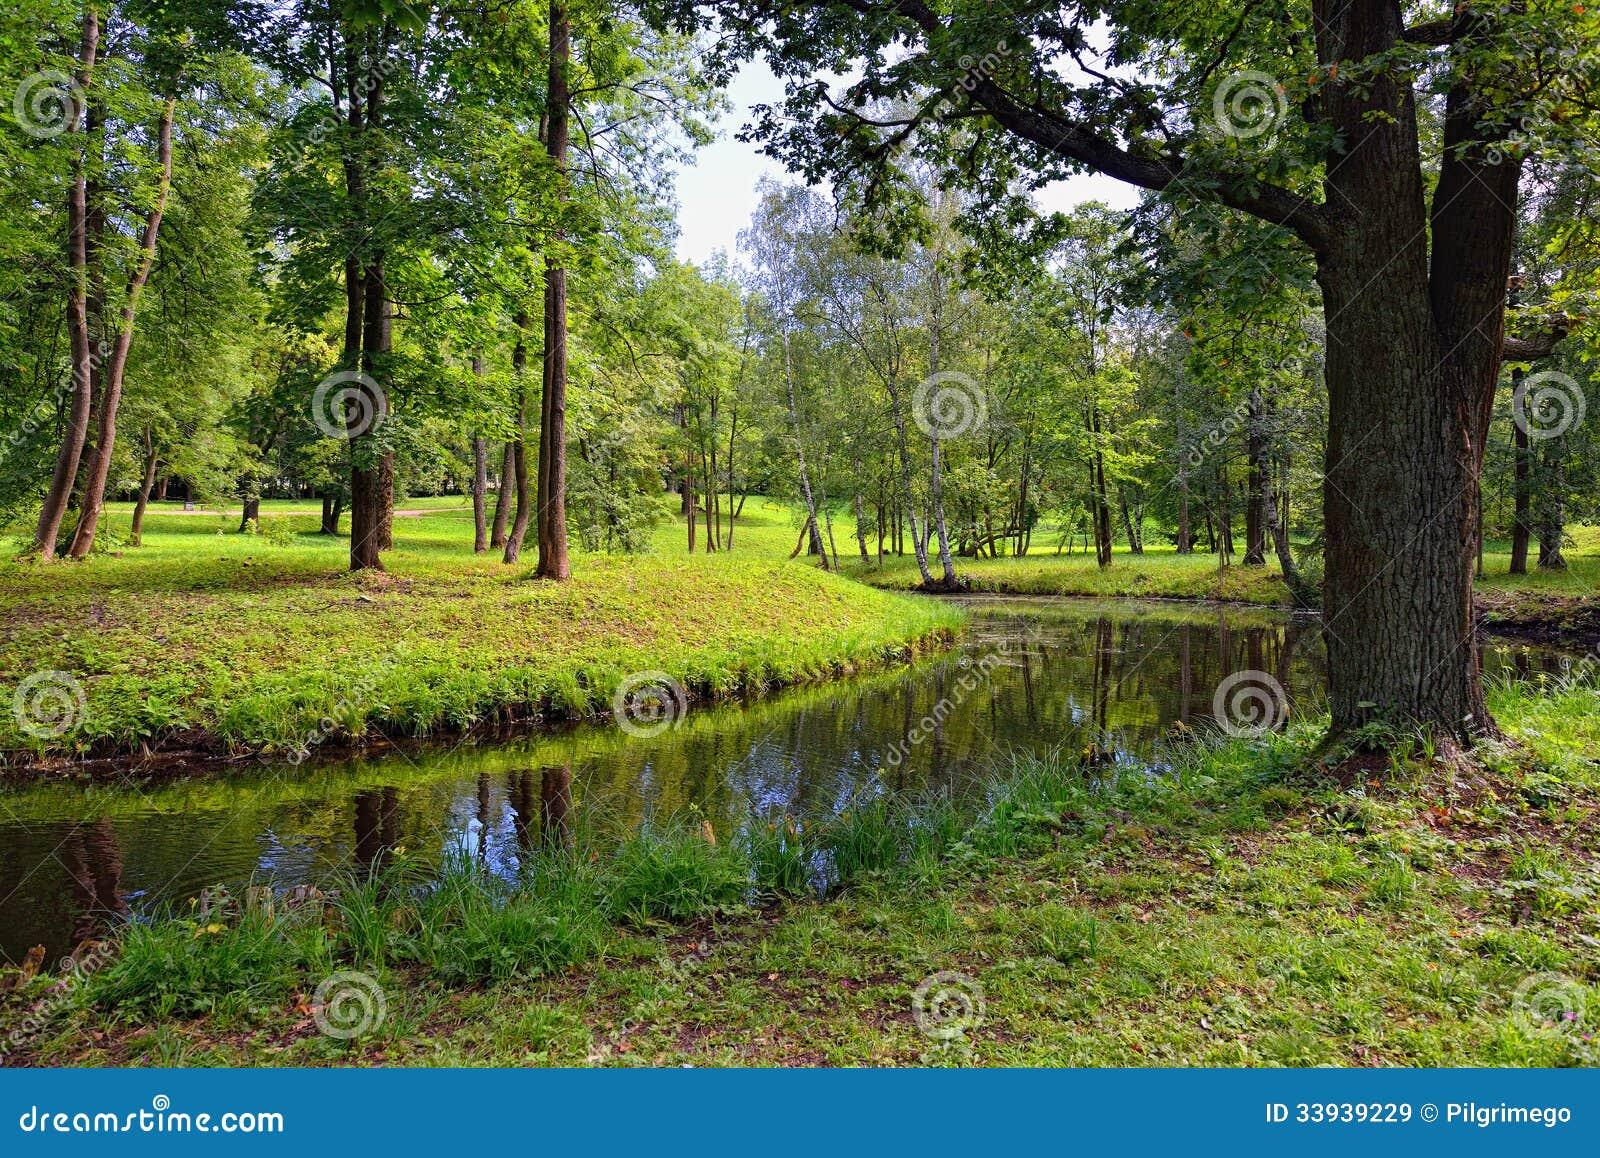 sommer landschaft mit see in gatchina garten lizenzfreie stockbilder bild 33939229. Black Bedroom Furniture Sets. Home Design Ideas